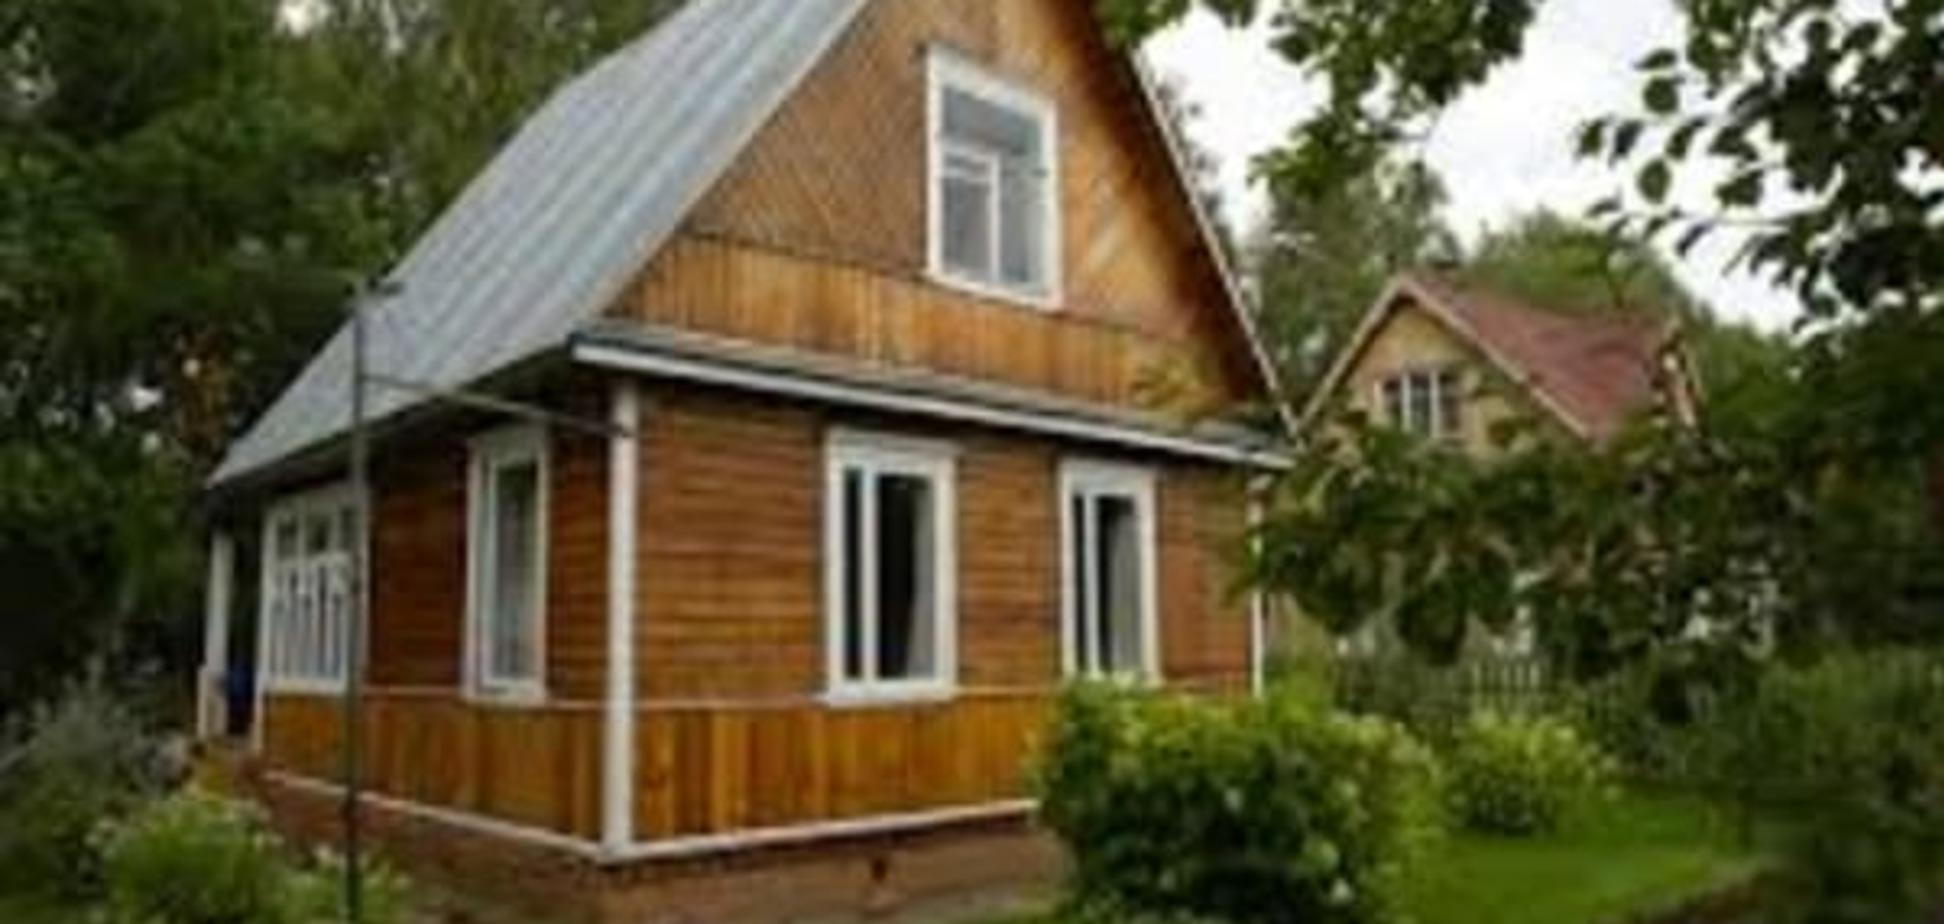 Крим - не ваш! У Севастополі у ветерана відібрали будинок і землю